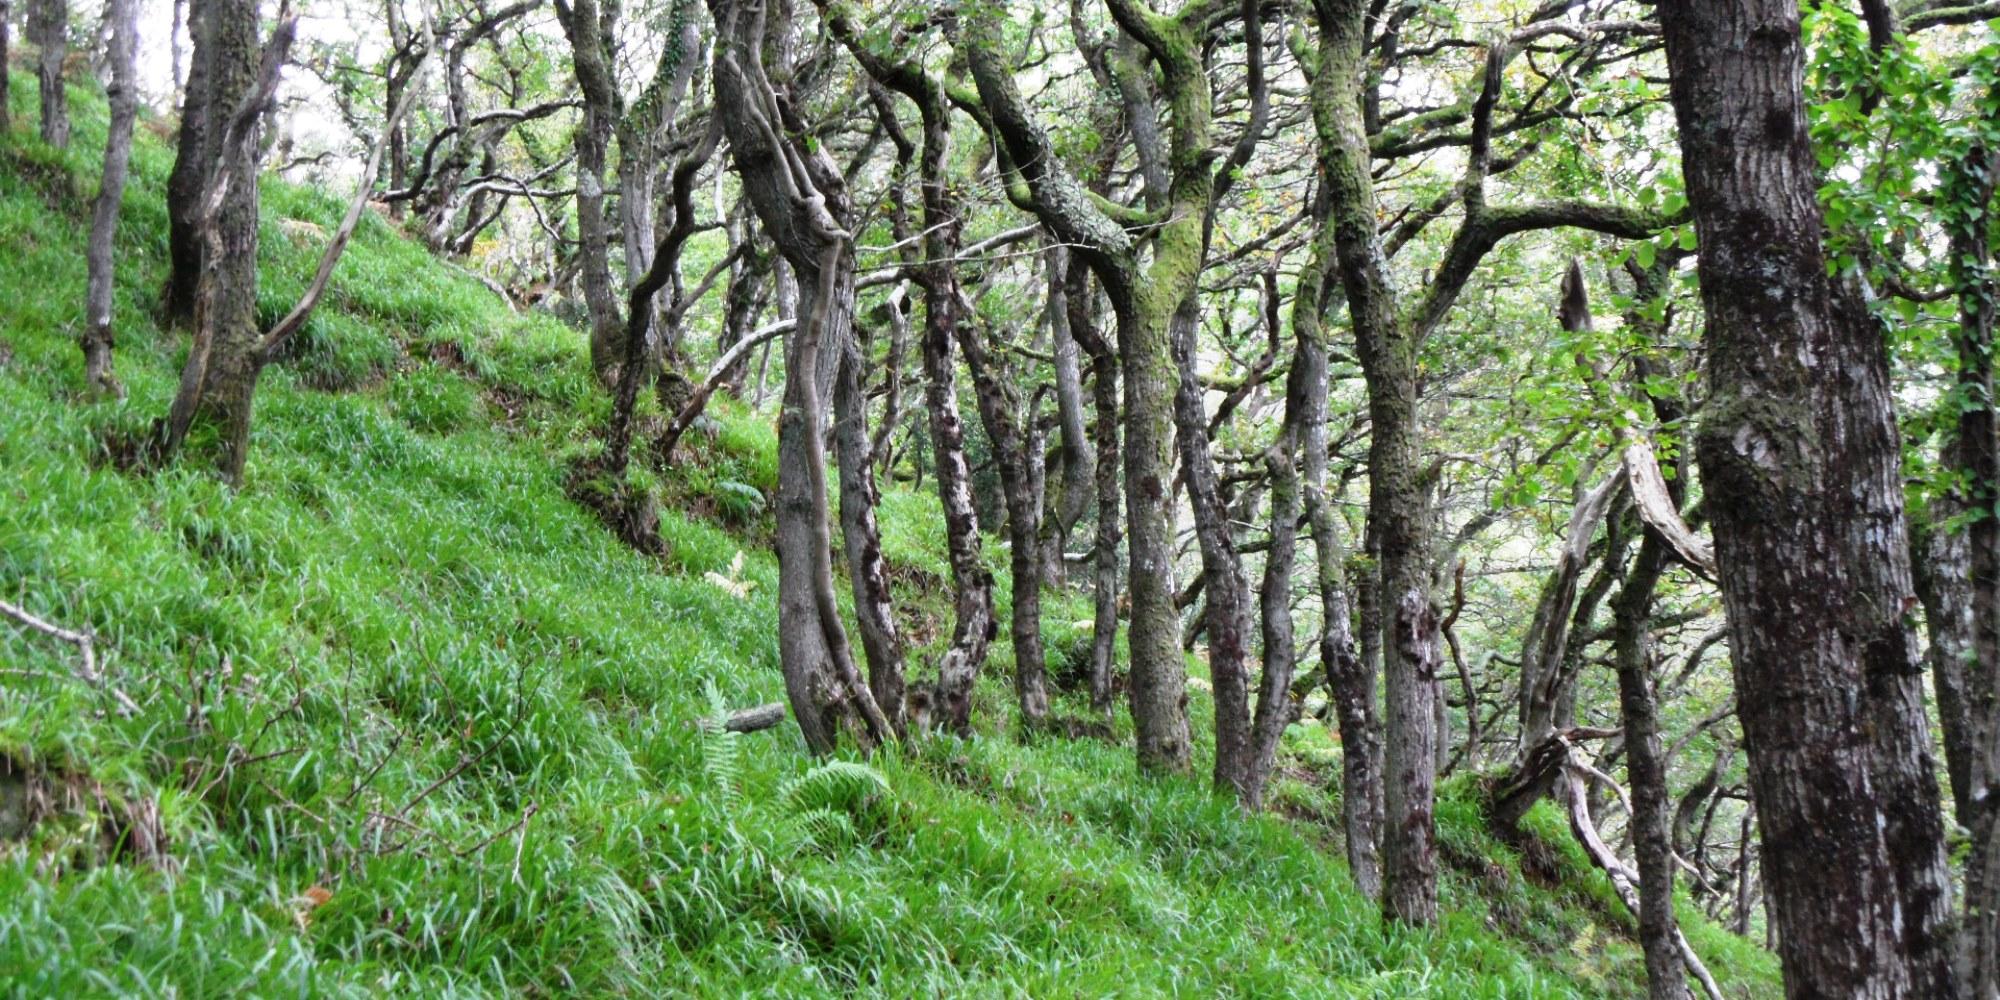 Sessile oak trees